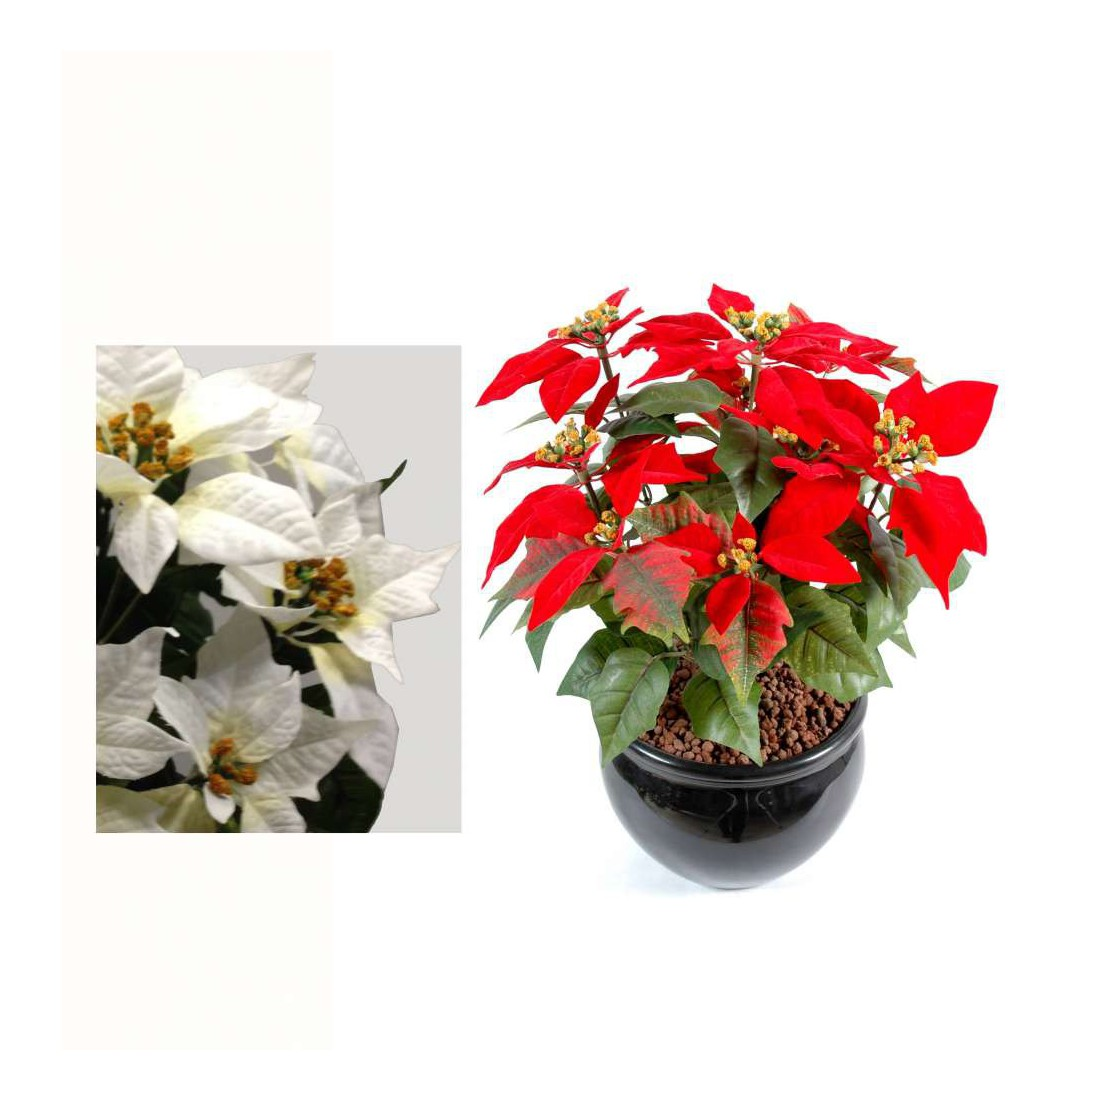 Poinsetia artificiel etoile de no l 42 cm plantes artificielles reflets nature lyon - Etoile de noel artificielle ...